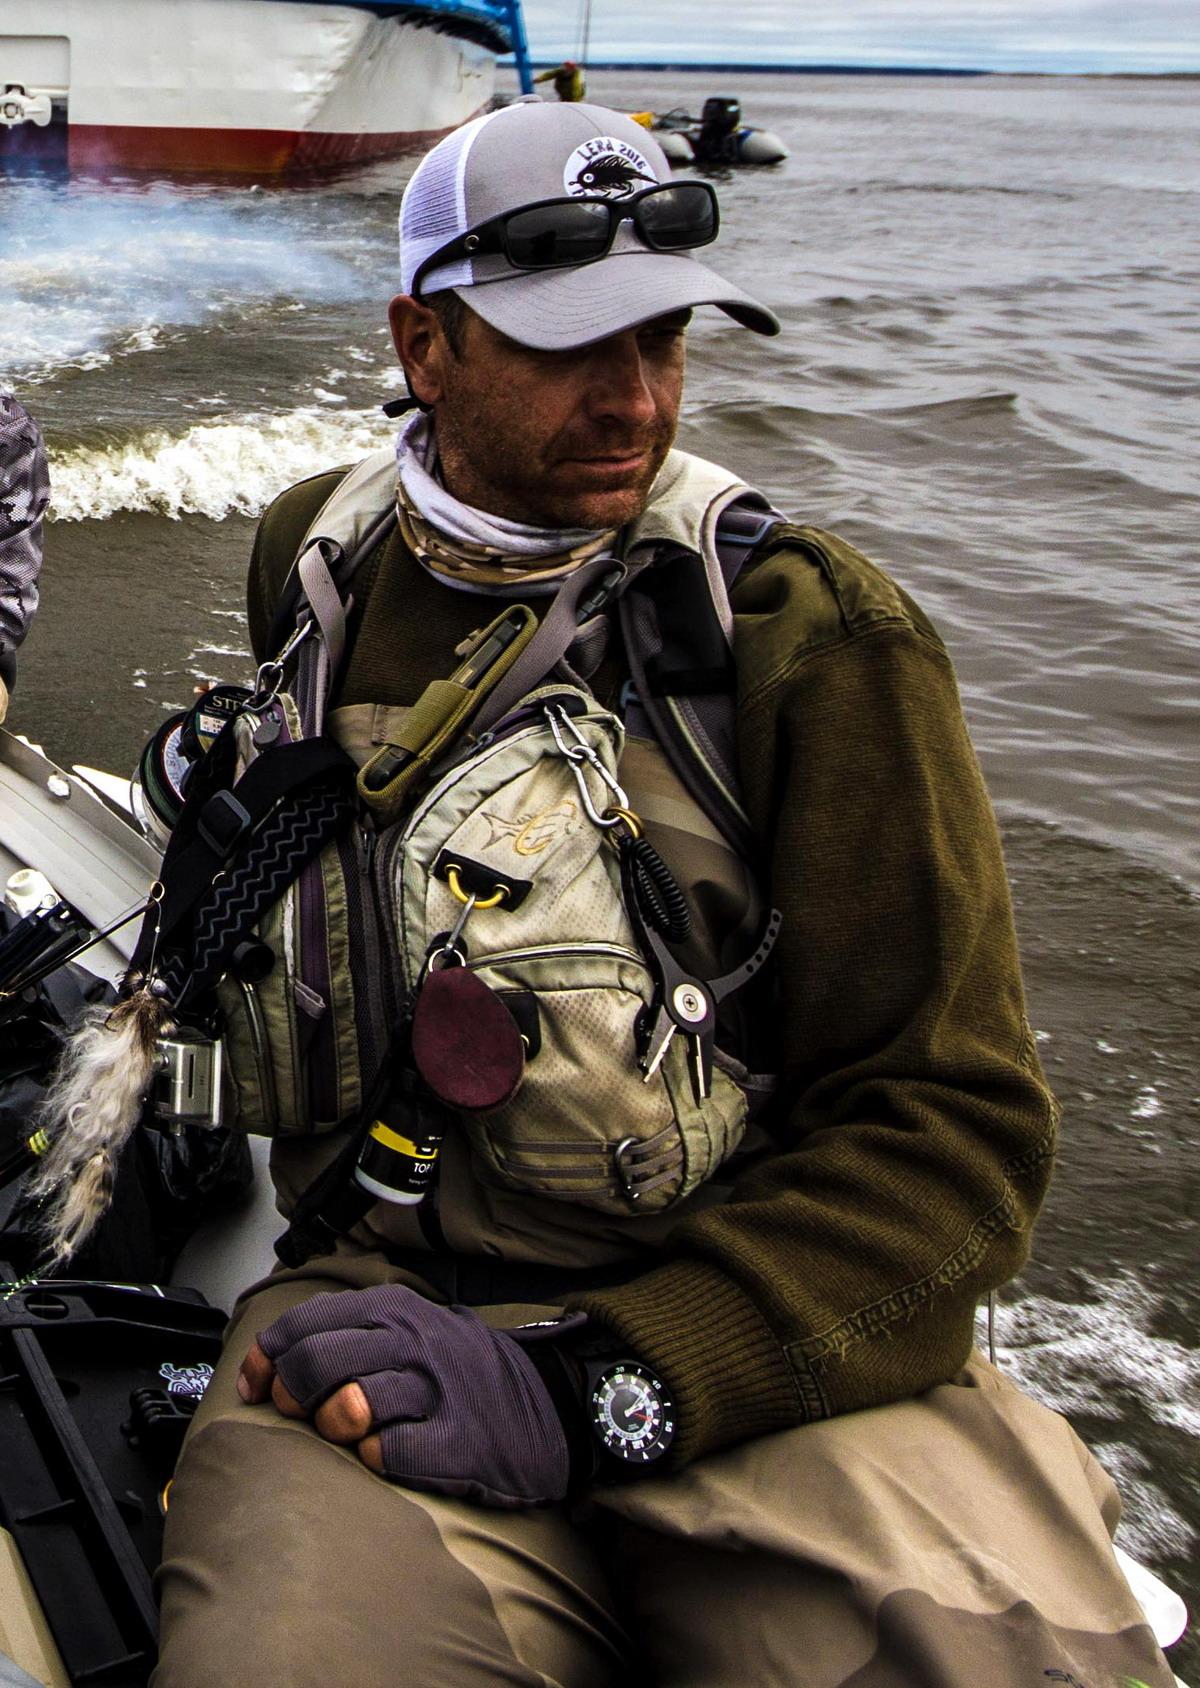 Begeisterter Fliegenfischer und Fliegenbinder von 12 Jahren Kombinierte Liebe des Fischens mit Reiseleitung Lustrik Angeln Führungs Dienstleistungen zu schaffen. Er fühle mich wirklich privilegiert geboren werden und leben in Slowenien, ein Land, das so breit, eine Vielzahl von Angelmöglichkeiten anbieten können. Seine Leidenschaft im Laufe der Jahre wurde Huchen und Taimen Angeln. Designer und Patentinhaber von Huchen lockt. Pioneer Fliegenfischer für Huchen in Slowenien und anderen Teilen Europas.